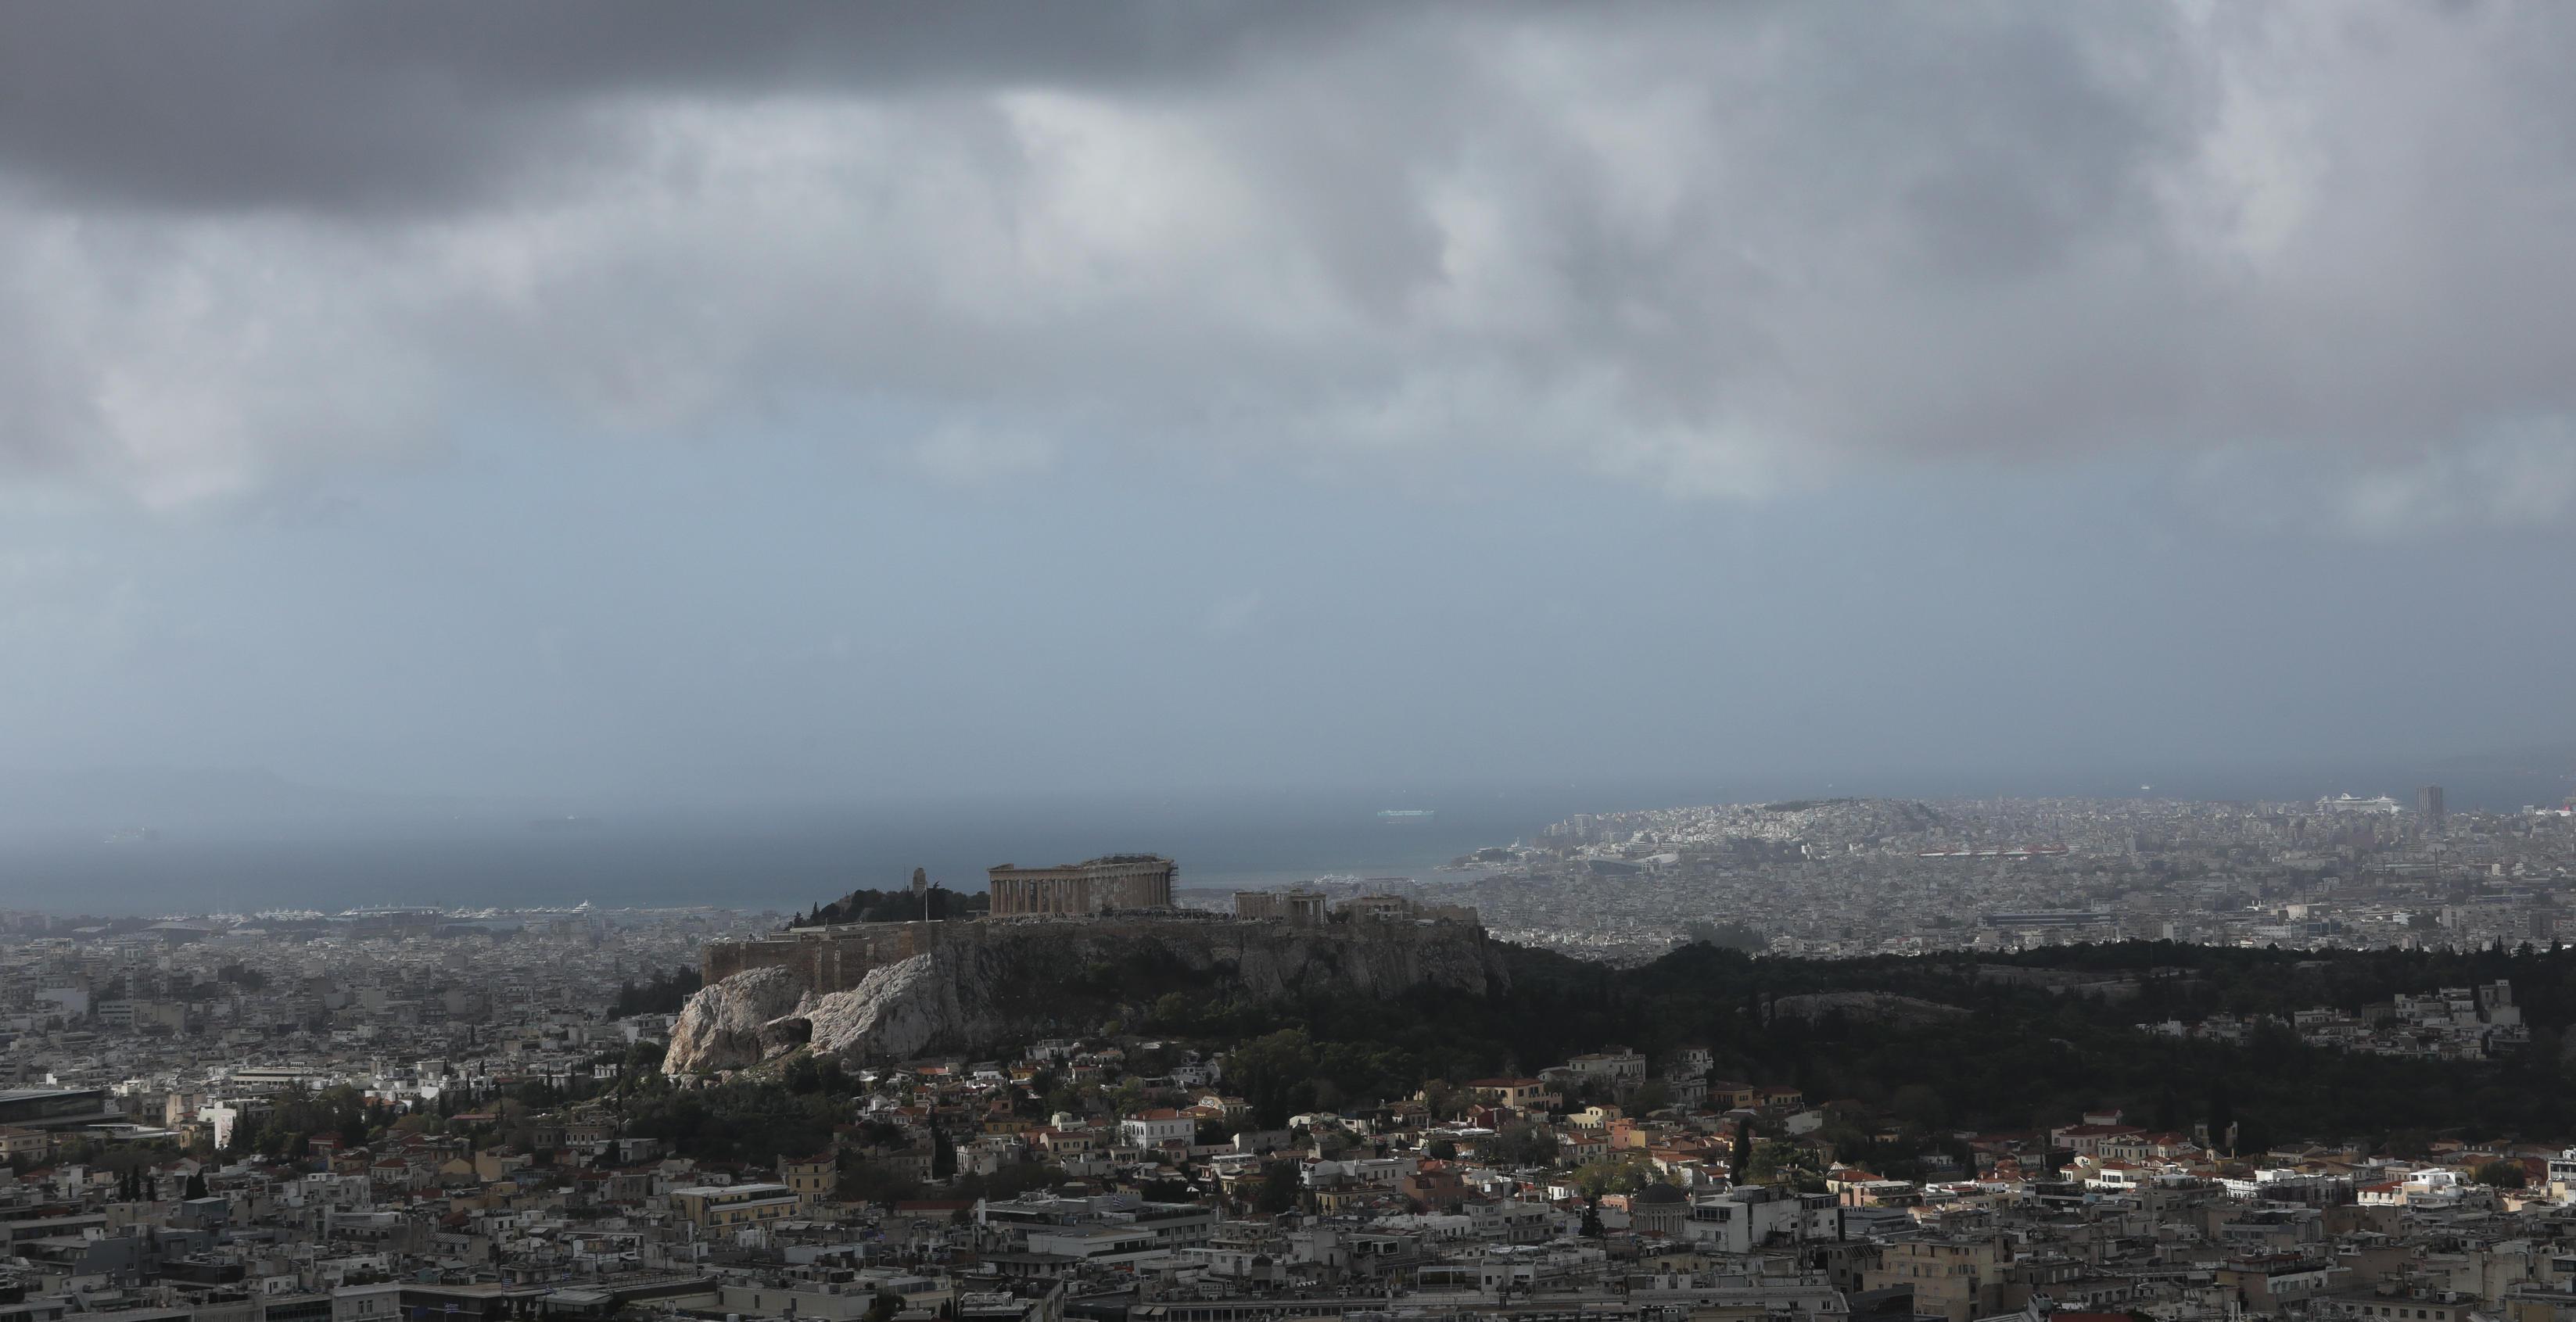 Έκτακτο δελτίο επιδείνωσης του καιρού με καταιγίδες και χαλάζι - Που θα χτυπήσει η κακοκαιρία - Πότε θα φτάσει στην Αττική